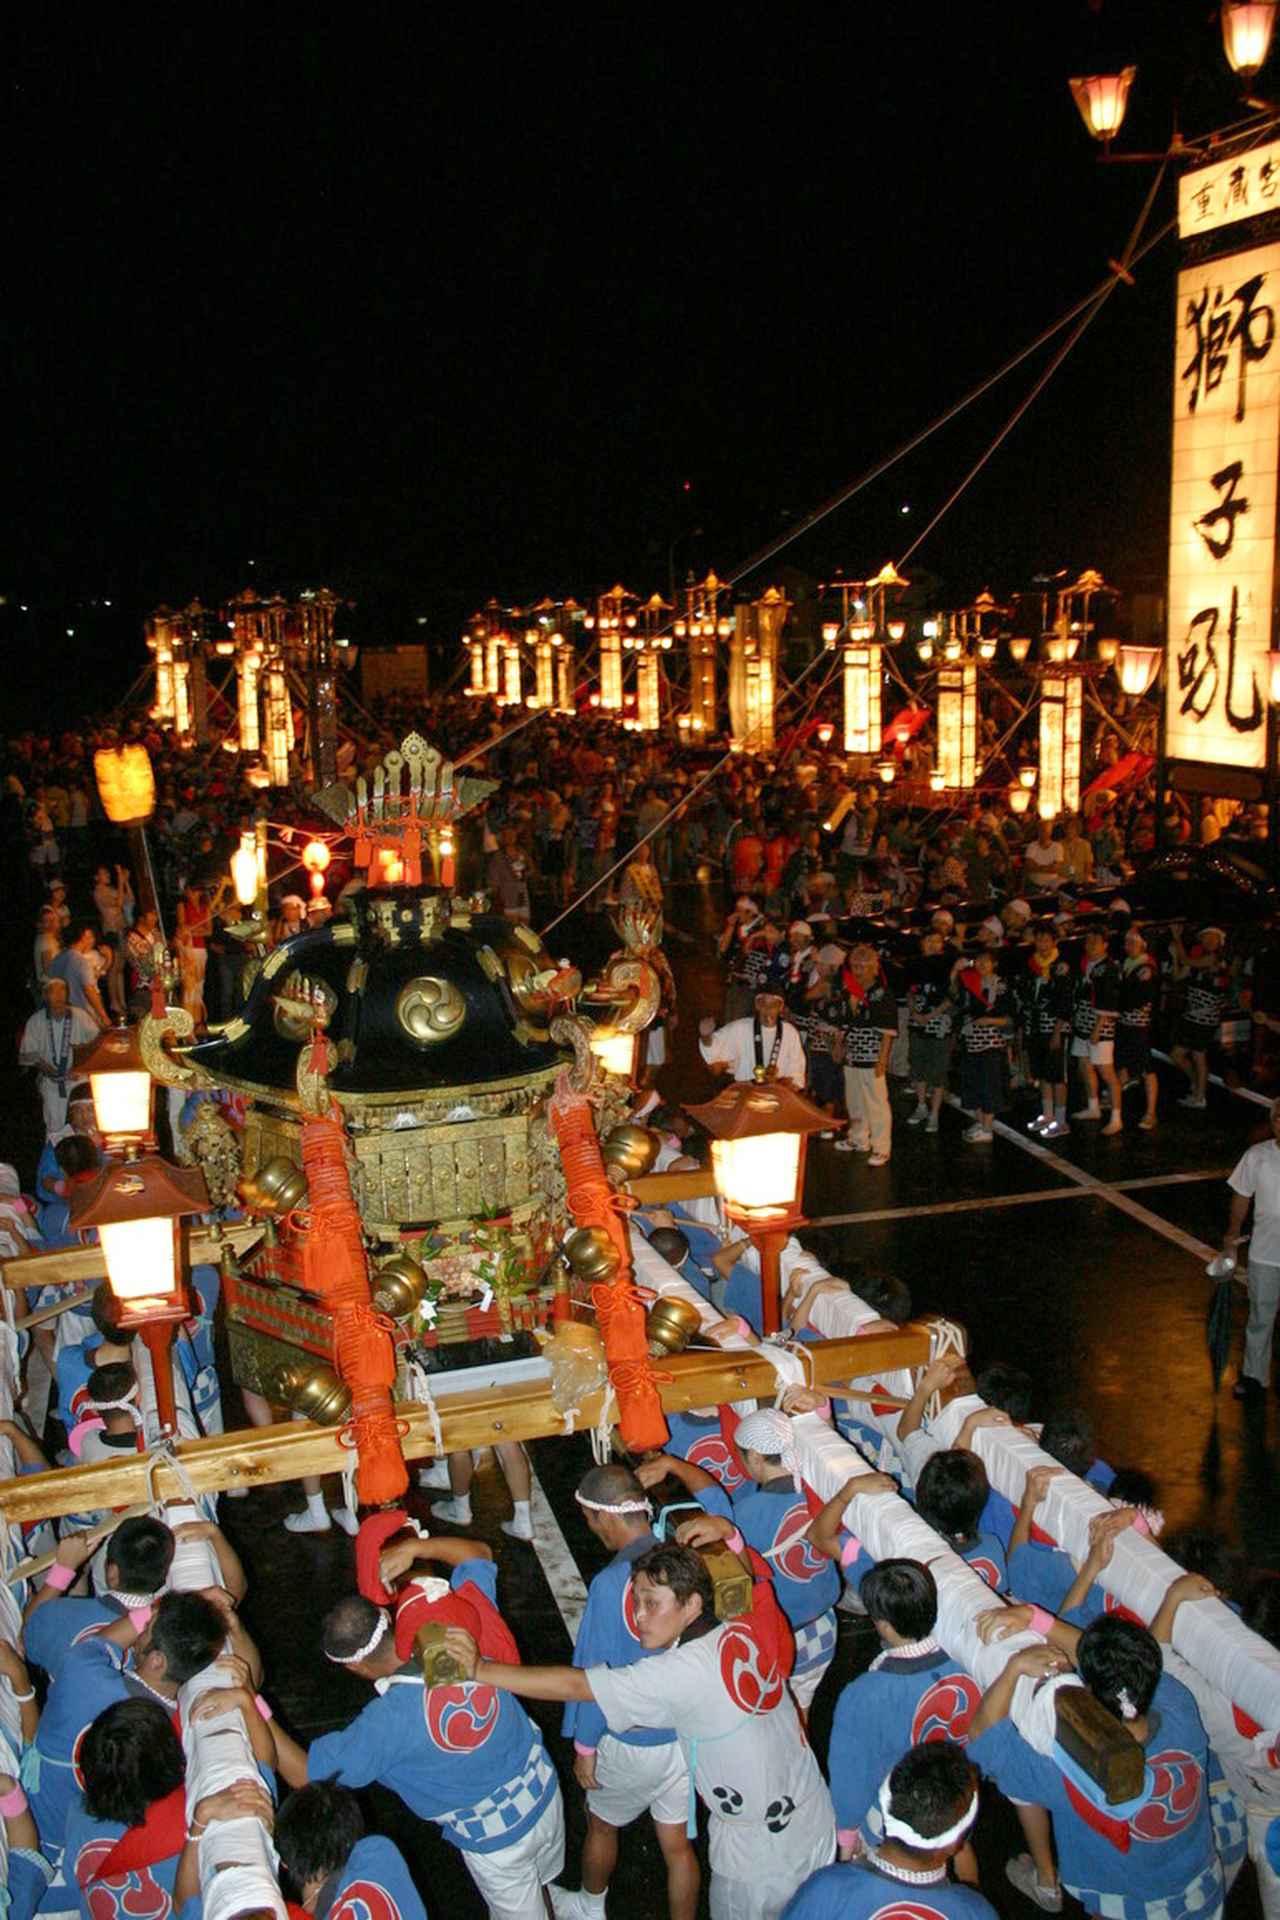 画像: 市長の宣言文にもあったキリコ祭りの様子。能登半島の各地で行なわれています。写真は8月下旬に開催される輪島大祭です。